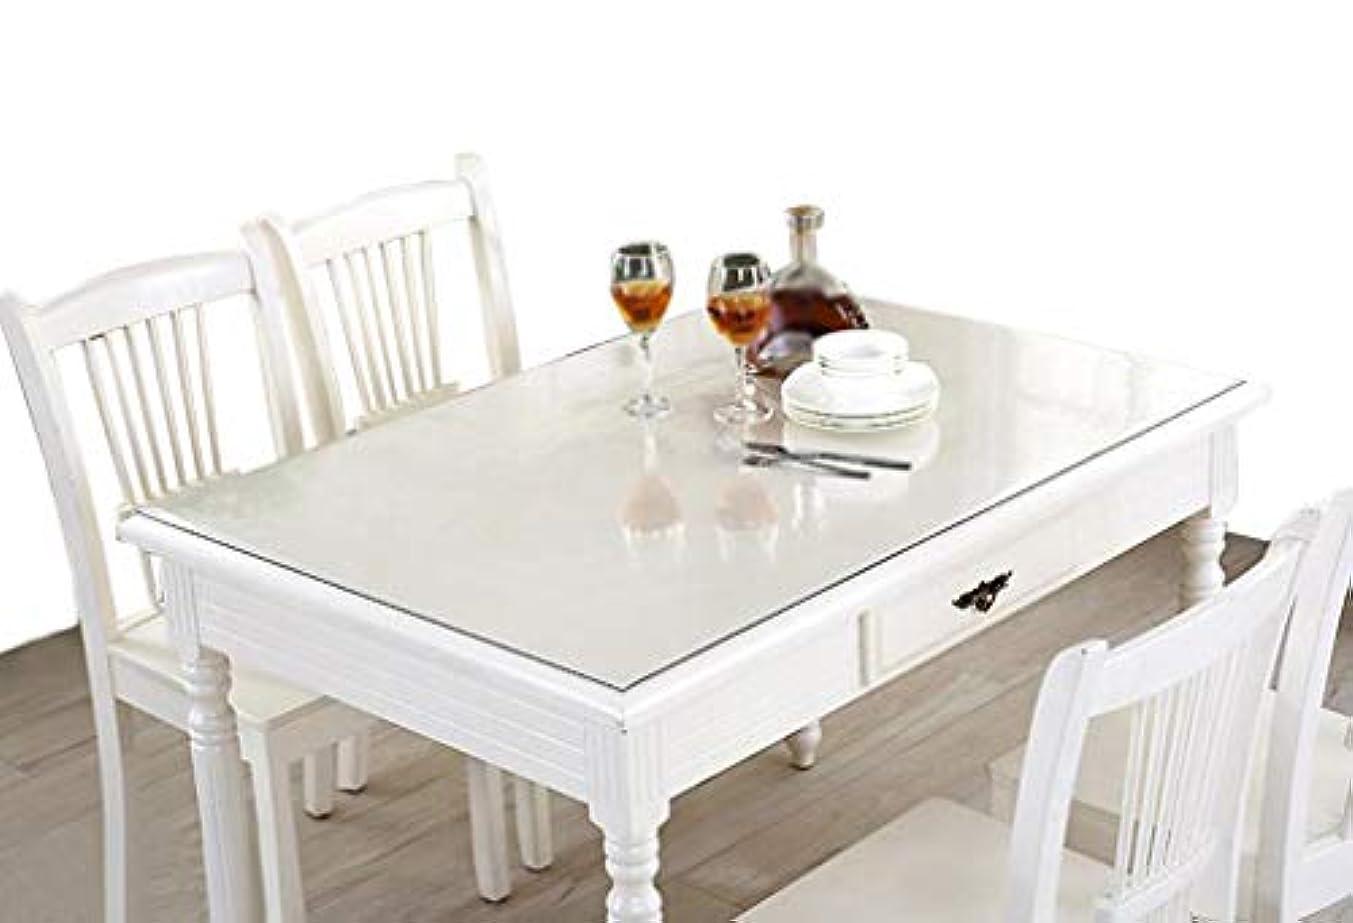 露出度の高い報酬の正確なIVEGLA キッチン用品 テーブルクロス PVC製 透明 厚さ1.5MM デスクマット テーブルクロス 長方形 防水 耐久 汚れ防止